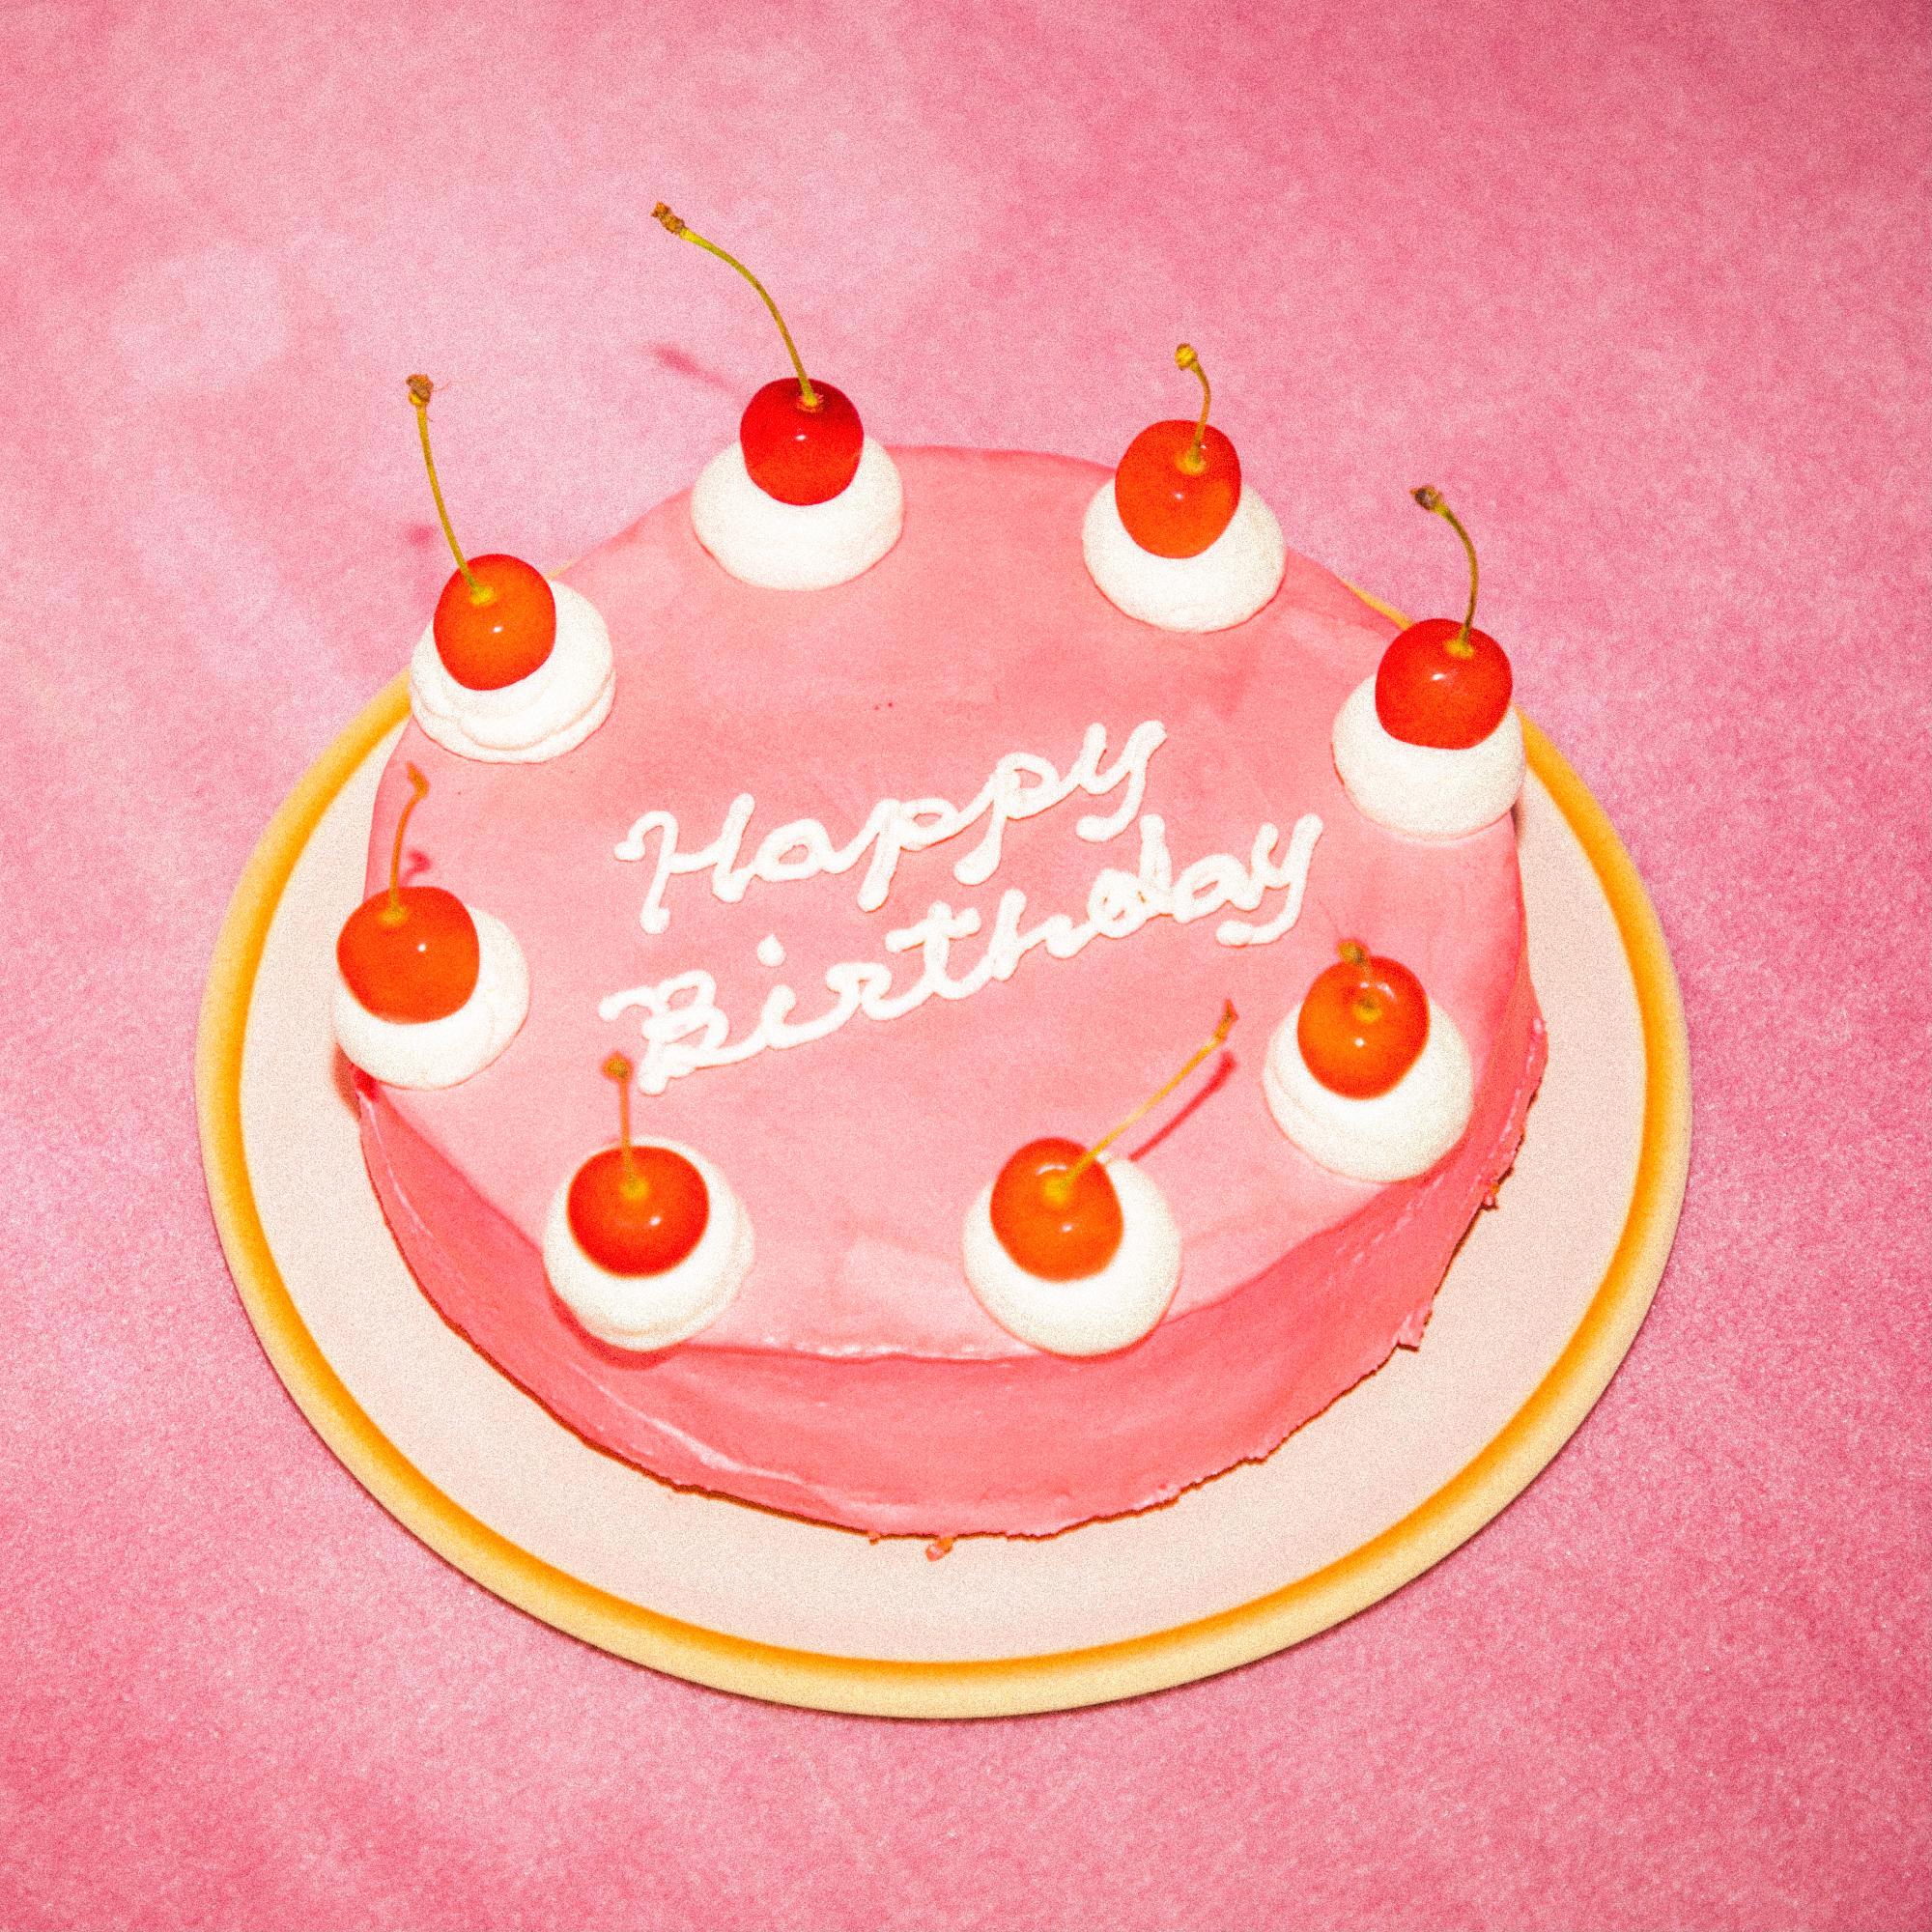 誕生日ケーキは現在予約停止中